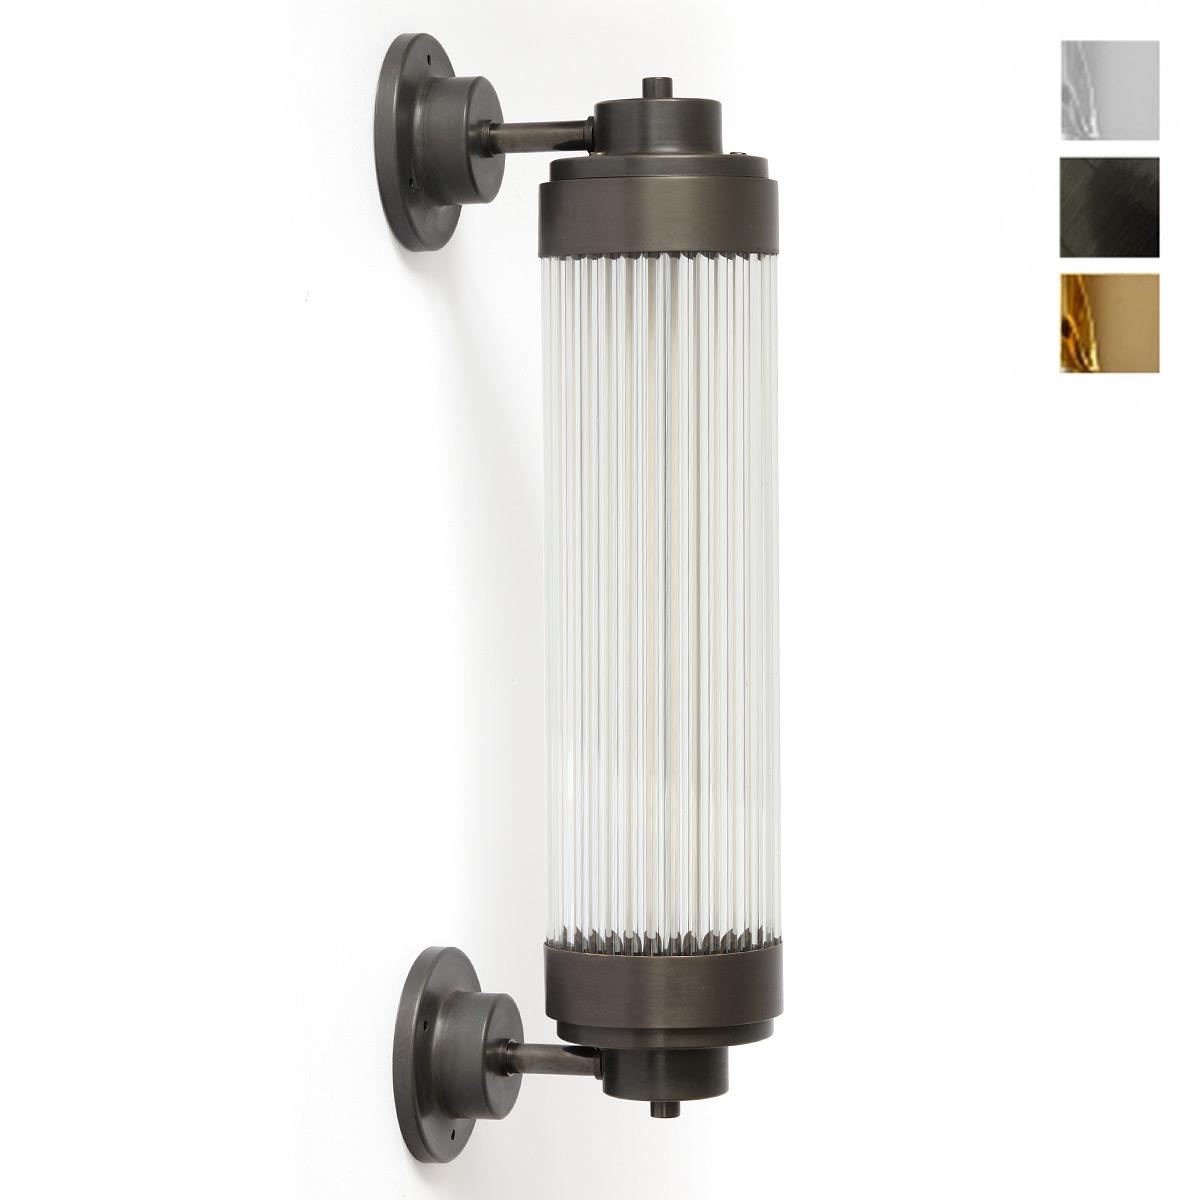 Awesome Leuchte Für Badezimmer Photos - Farbideen fürs Wohnzimmer ...